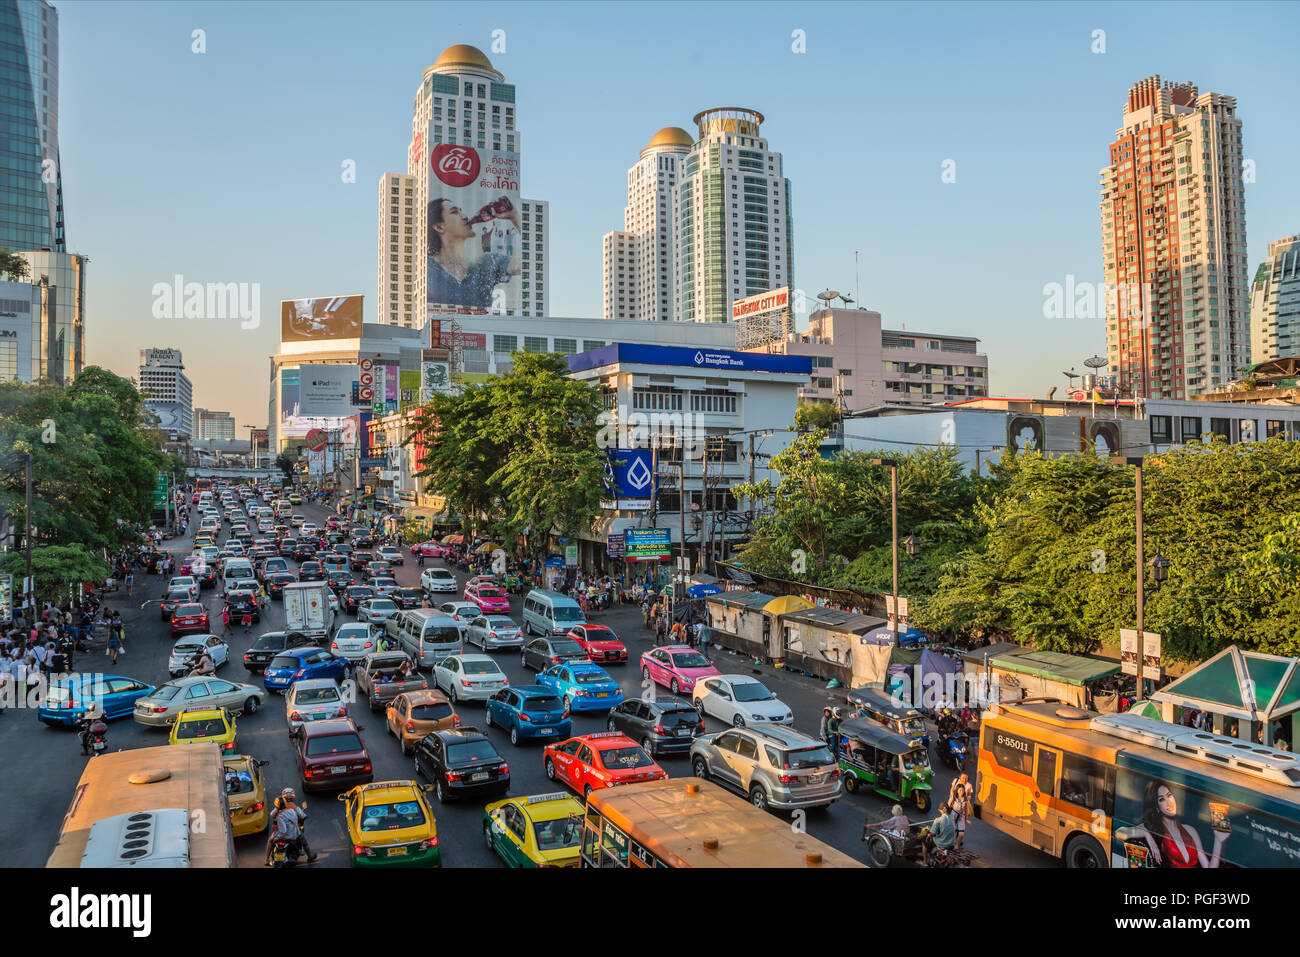 Streetscape with traffic jam in the city centre of Bangkok, Thailand | Berufsverkehr mit Verkehrsstau in der Innenstadt von Bangkok, Thailand - Stock Image